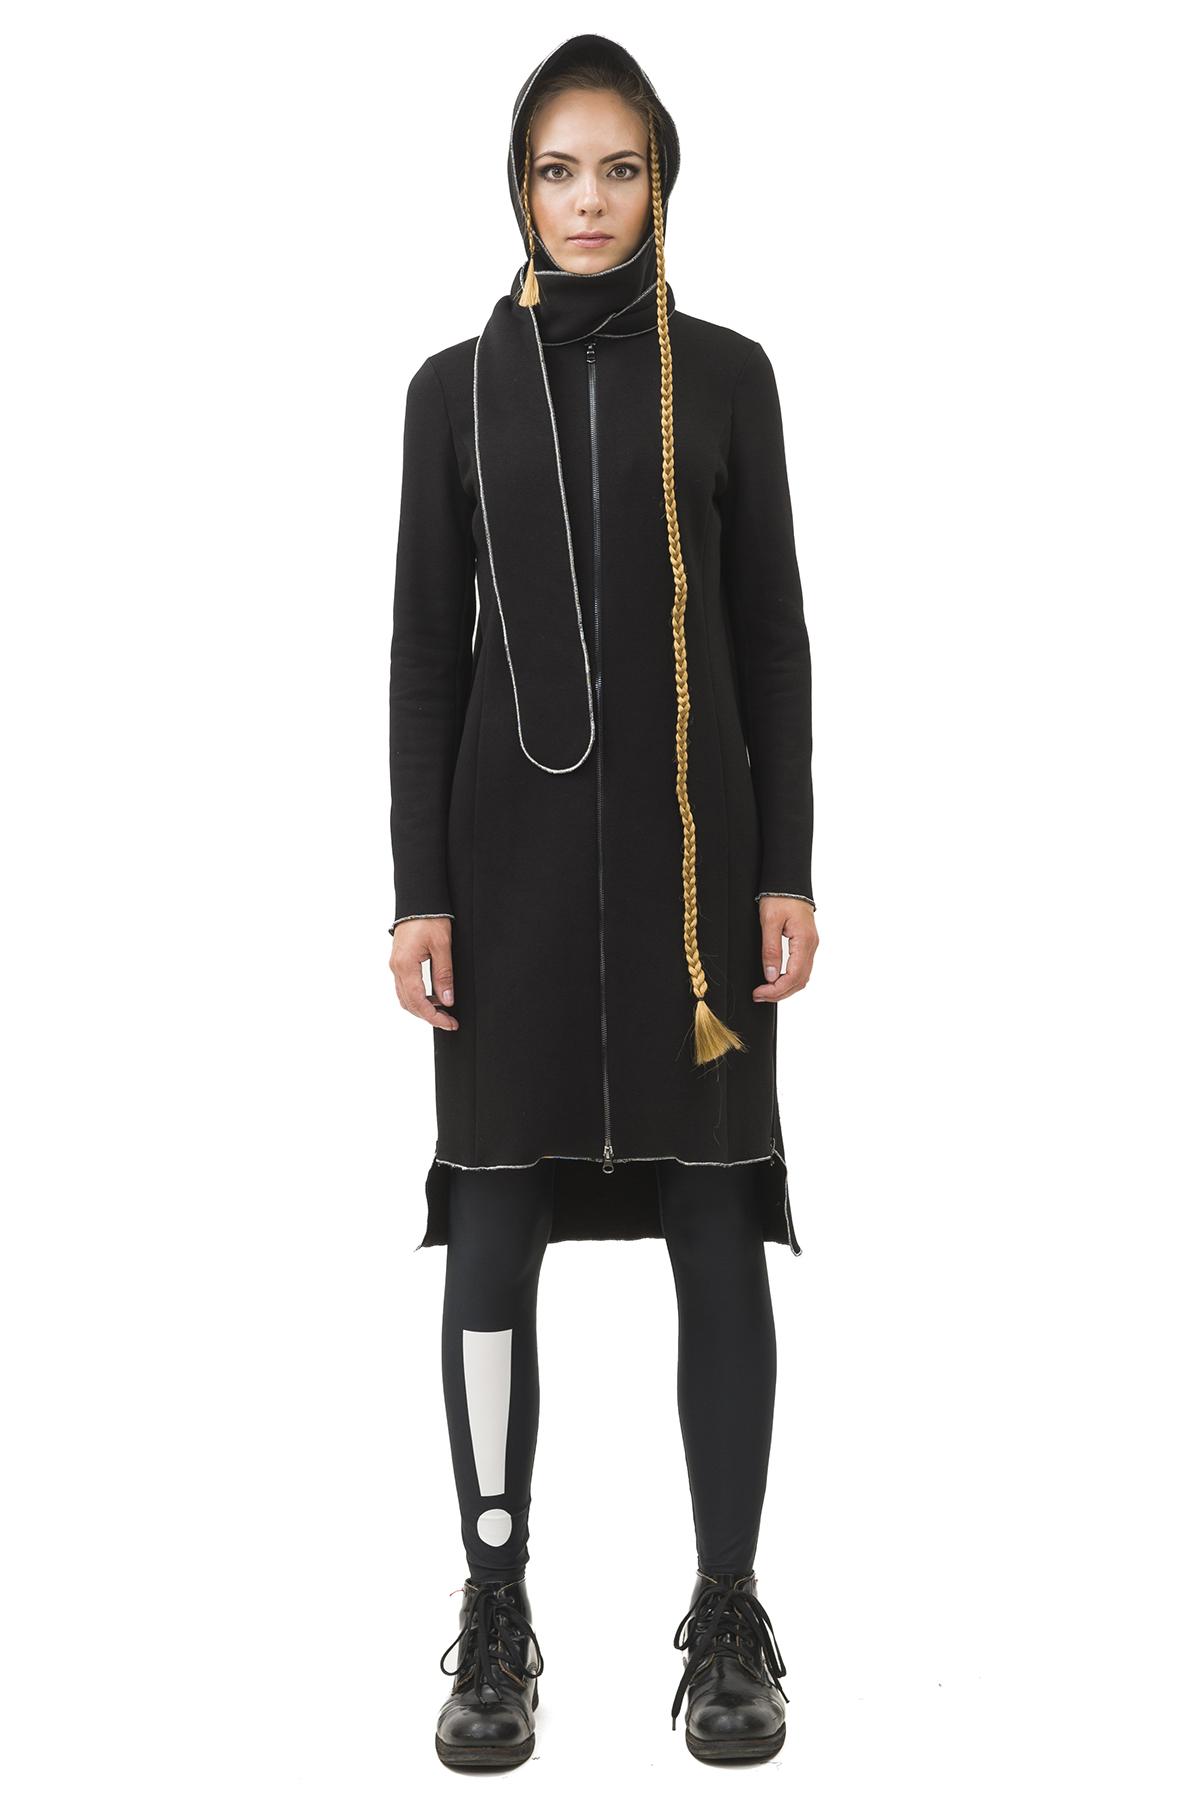 ПальтоЖенские куртки, плащи, пальто<br>Пальто  Pavel Yerokin выполнено из плотного трикотажа с начесом, отделка наружных швов серебряной ниткой. Особенности: прямой крой, застежка на молнии, остроконечный капюшон, асимметричный низ, карманы, объемная аппликация на спине.<br><br>Цвет: черный<br>Состав: Хлопок - 70%, Полиэстер - 30%<br>Размер: 40,42,44,46,48,50,52<br>Страна дизайна: Россия<br>Страна производства: Россия